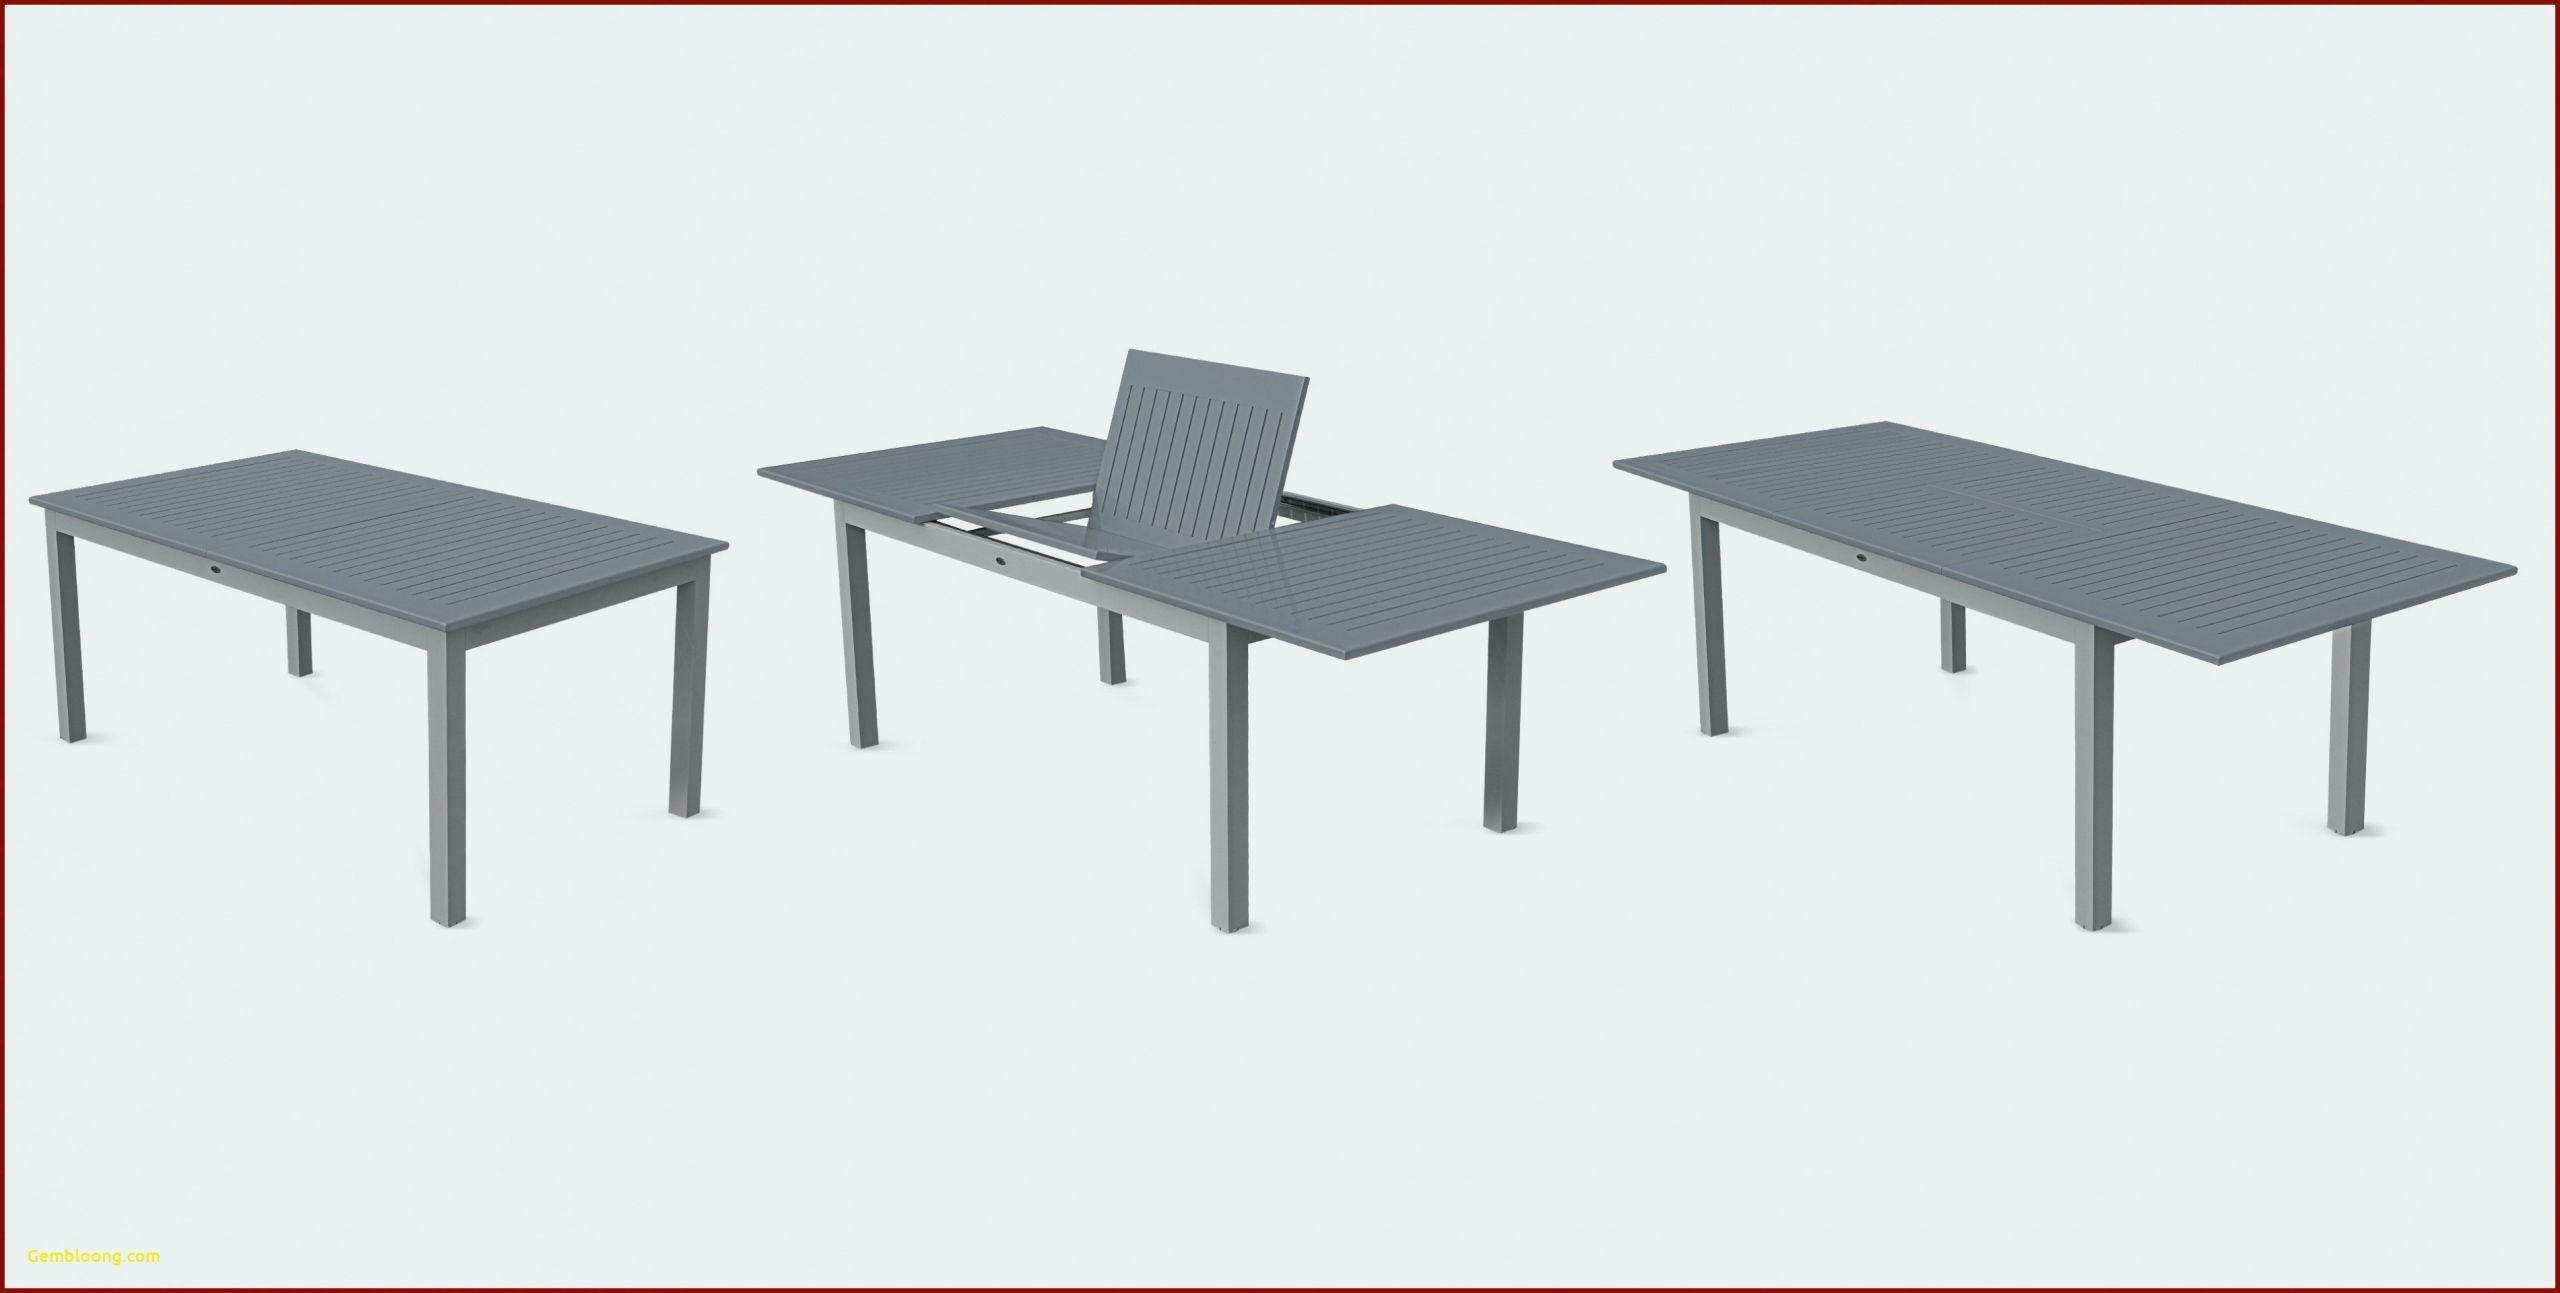 location chaise et table table pliante cuisine ikea location table chaise table haute but of location chaise et table